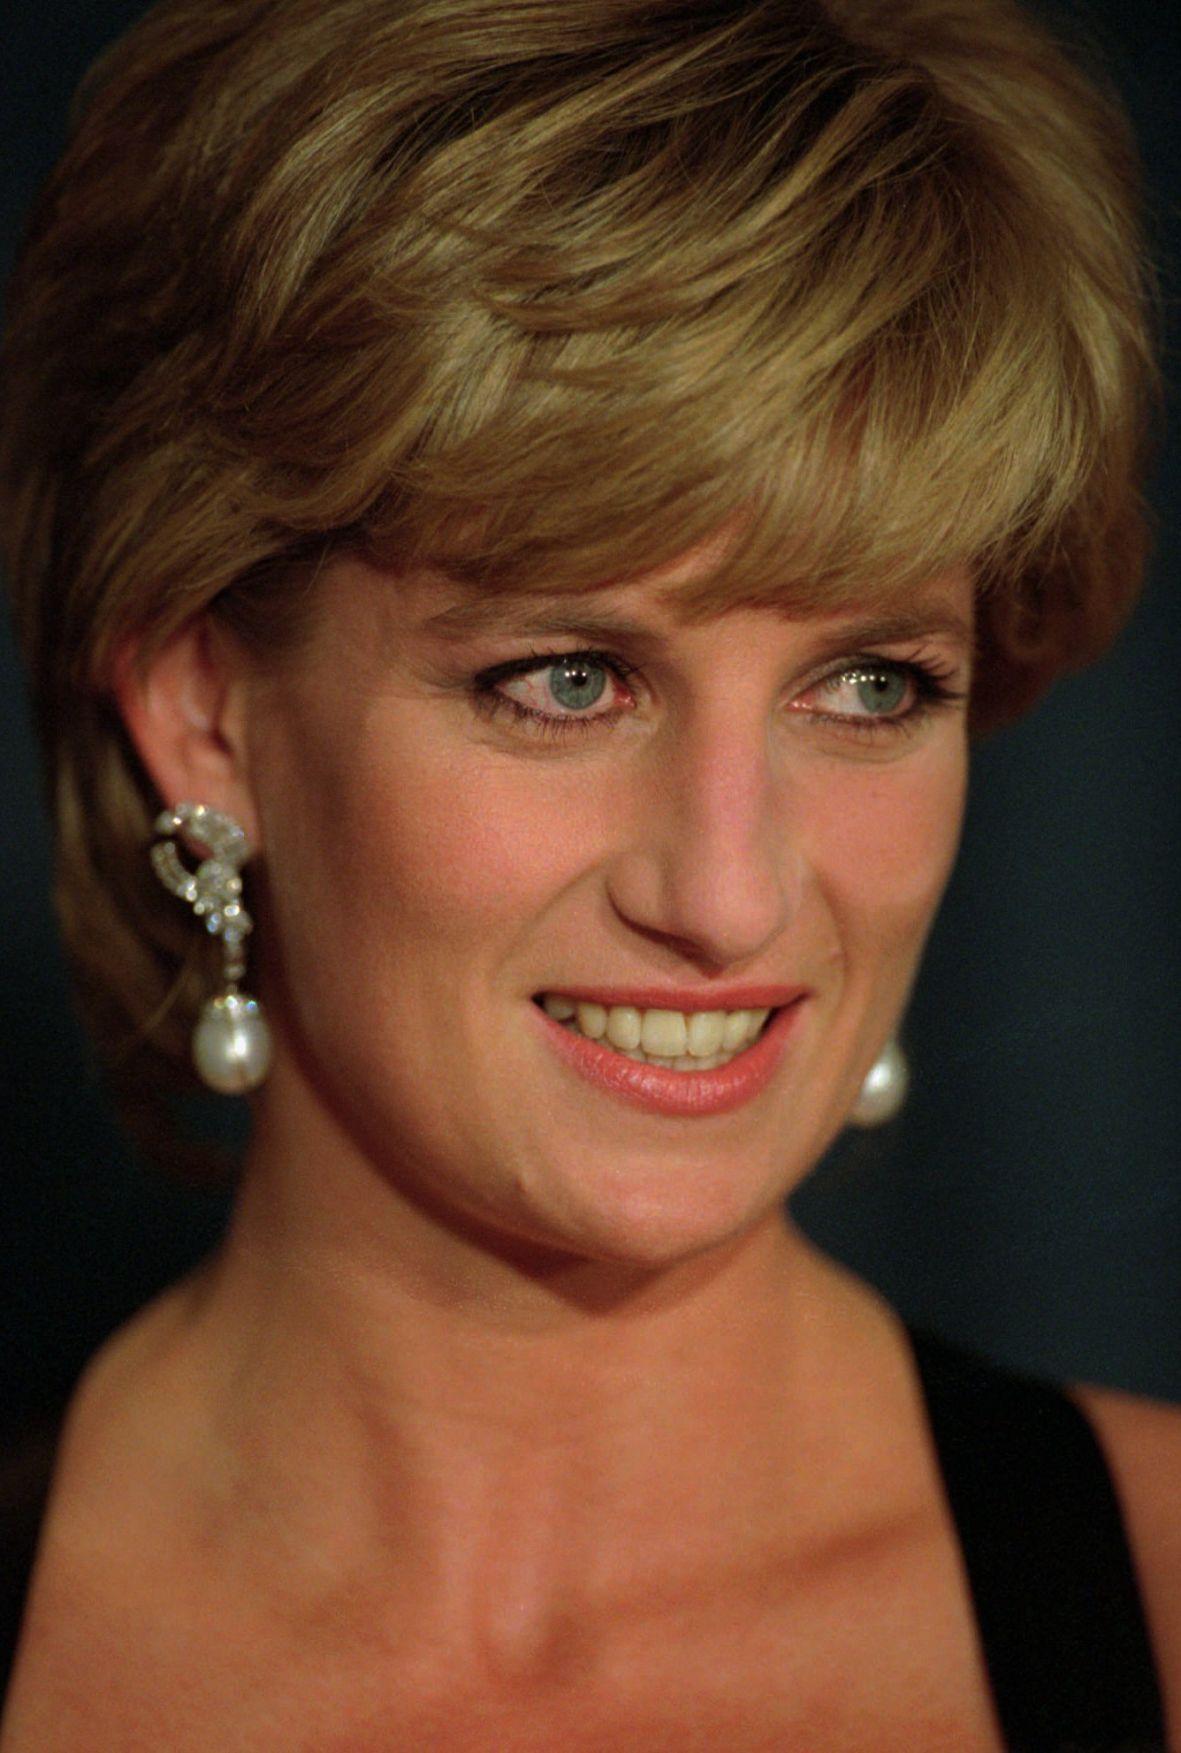 Gallery Princess Diana